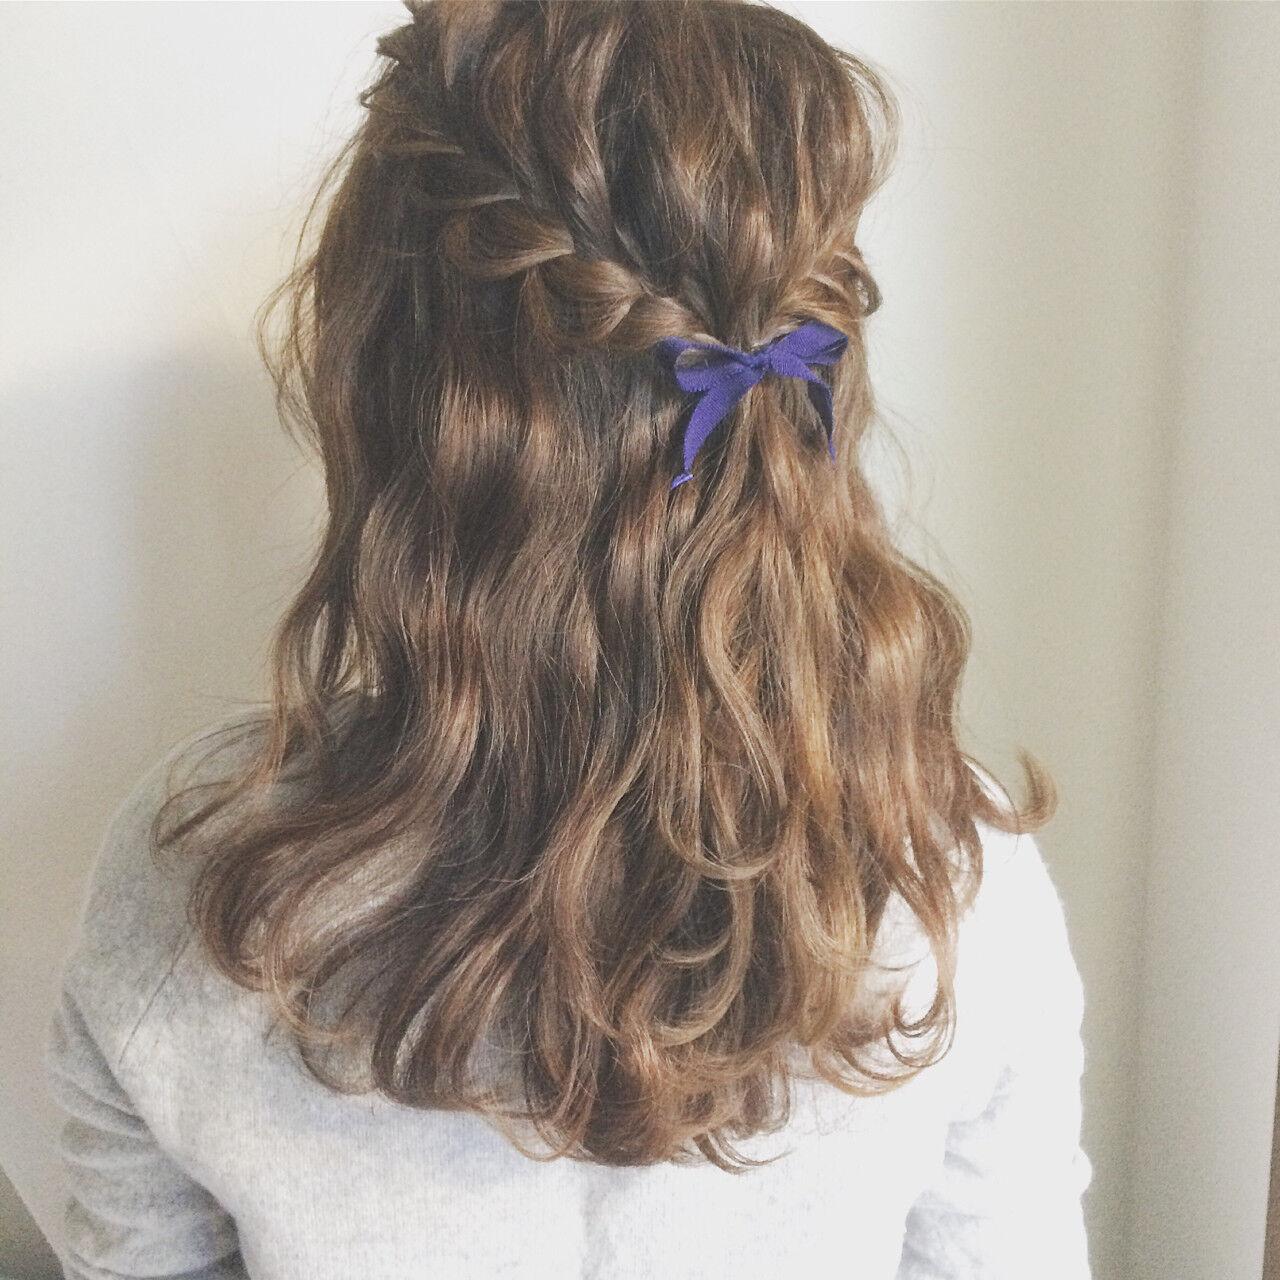 ショート 外国人風 ハーフアップ 簡単ヘアアレンジヘアスタイルや髪型の写真・画像